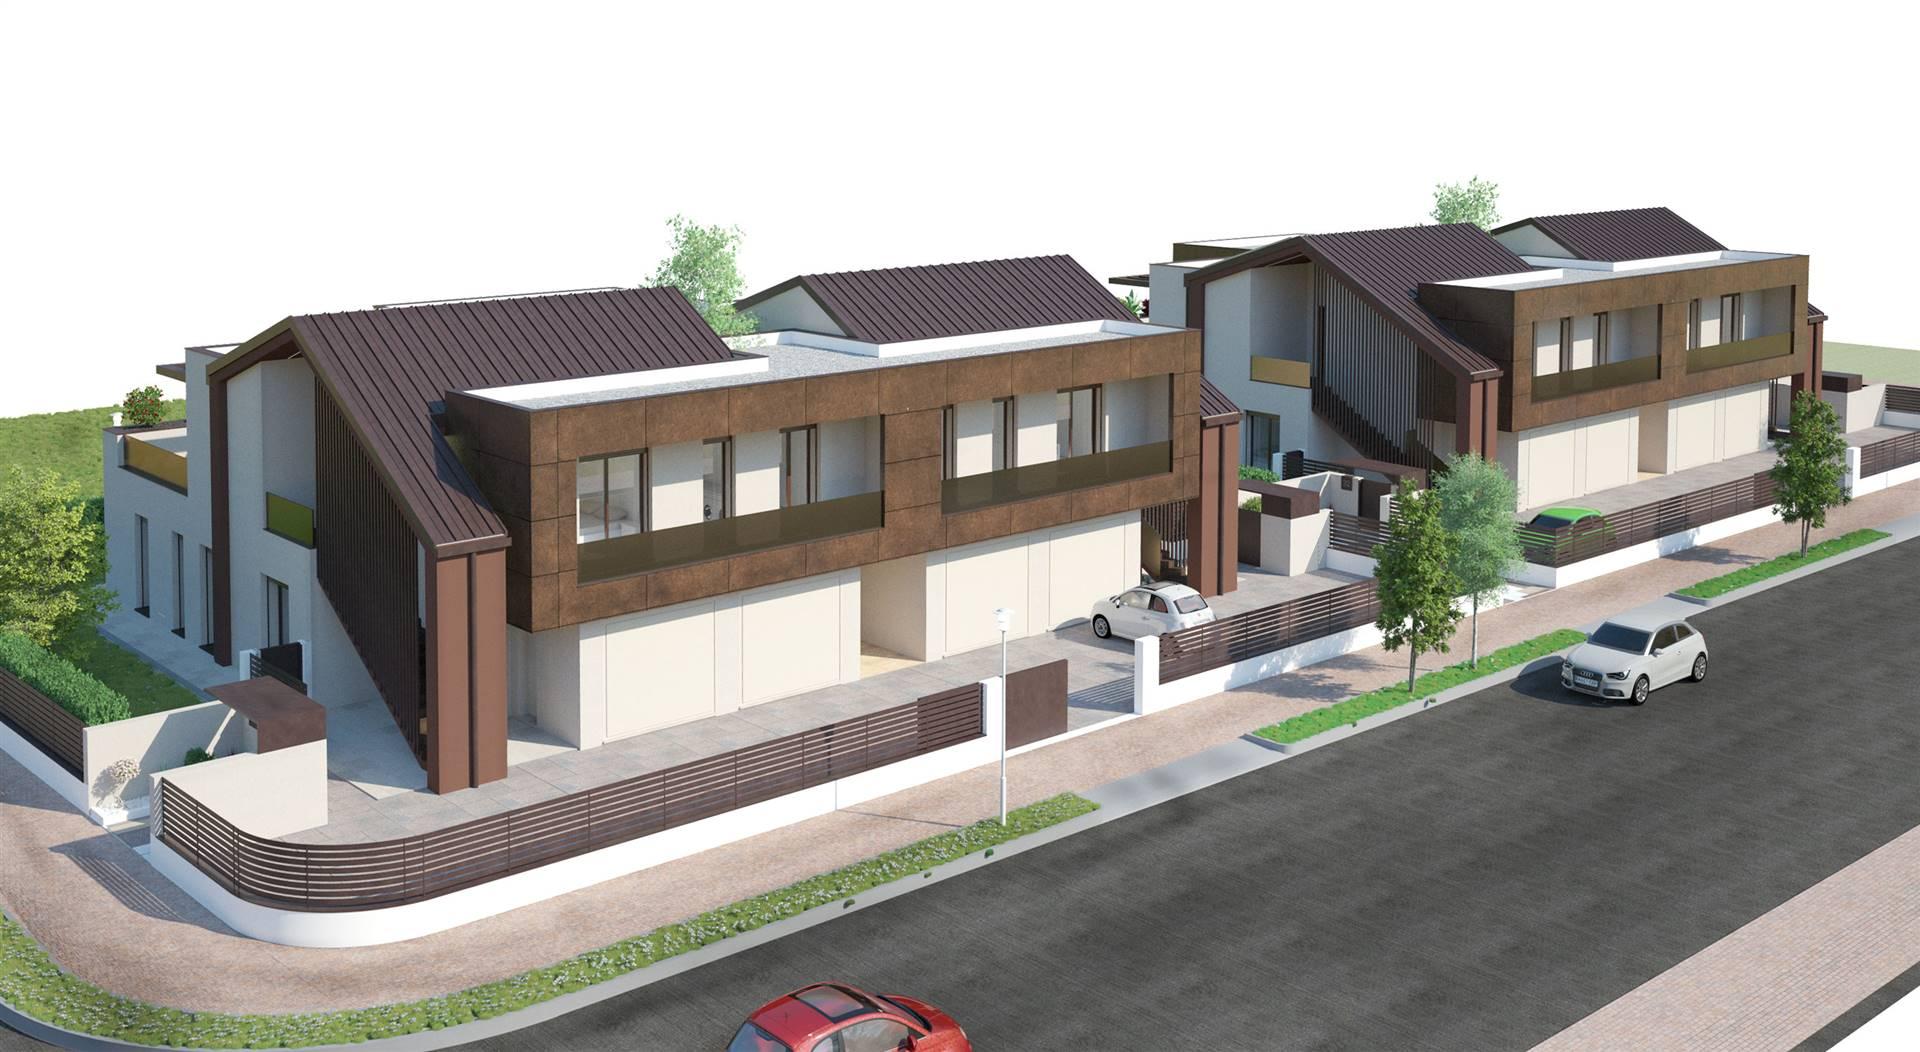 Appartamento in vendita a Zero Branco, 5 locali, zona Località: ZERO BRANCO, prezzo € 295.000 | PortaleAgenzieImmobiliari.it